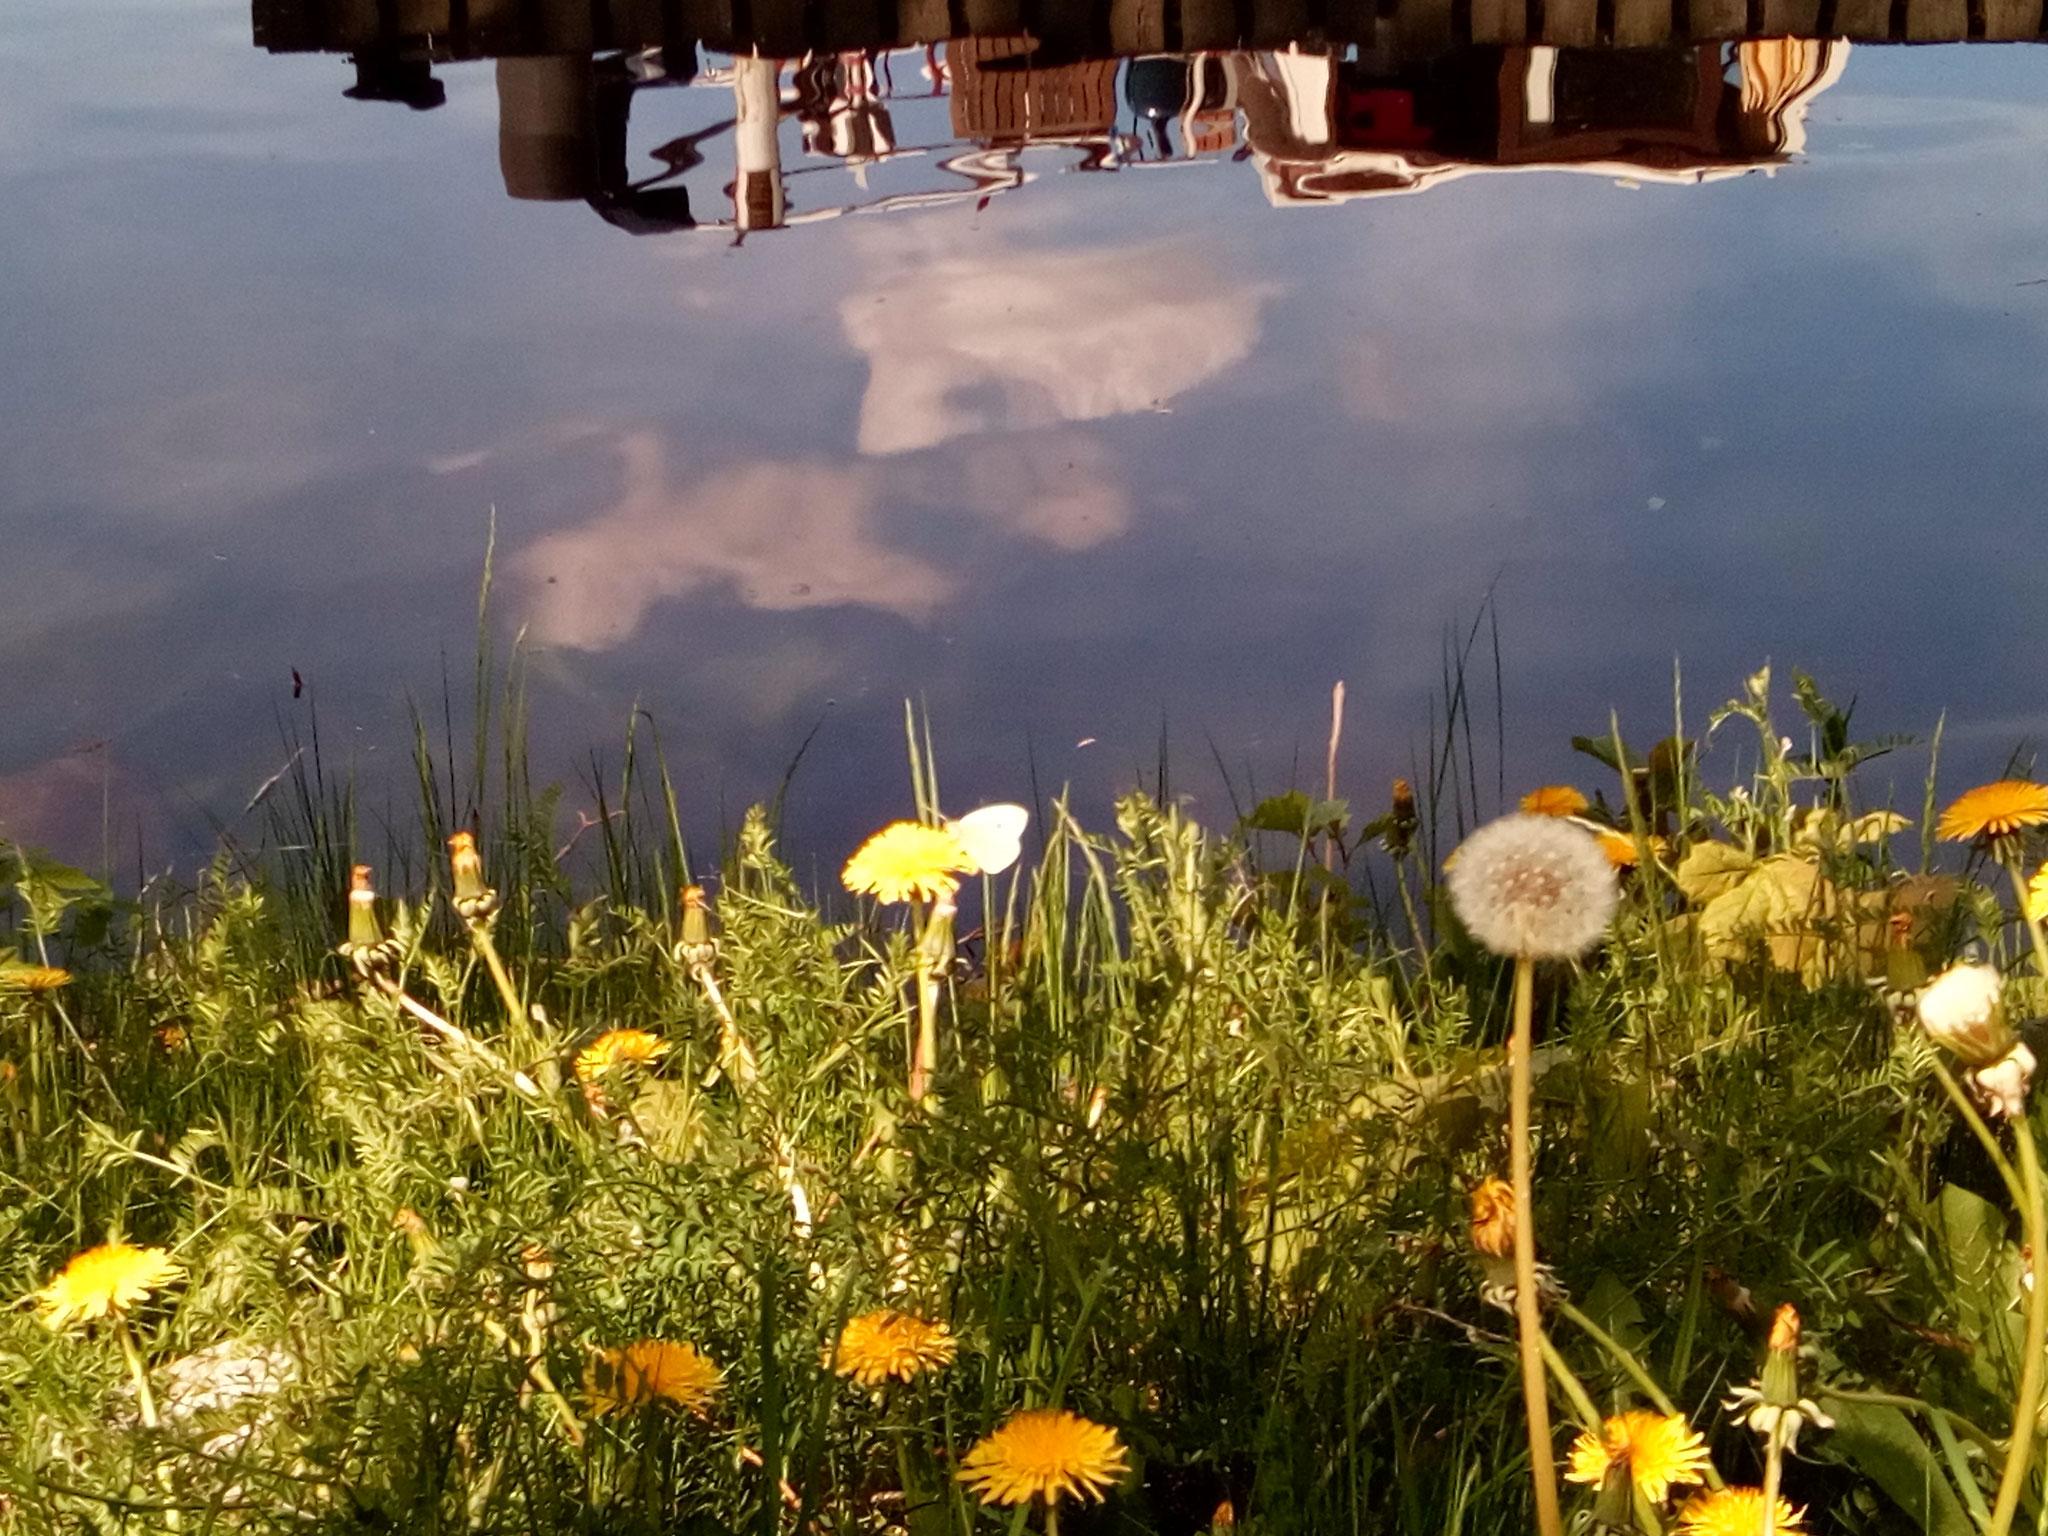 Schmetterlinge, Hummeln und Vogelgezwitscher am Rastplatz Zeitlow